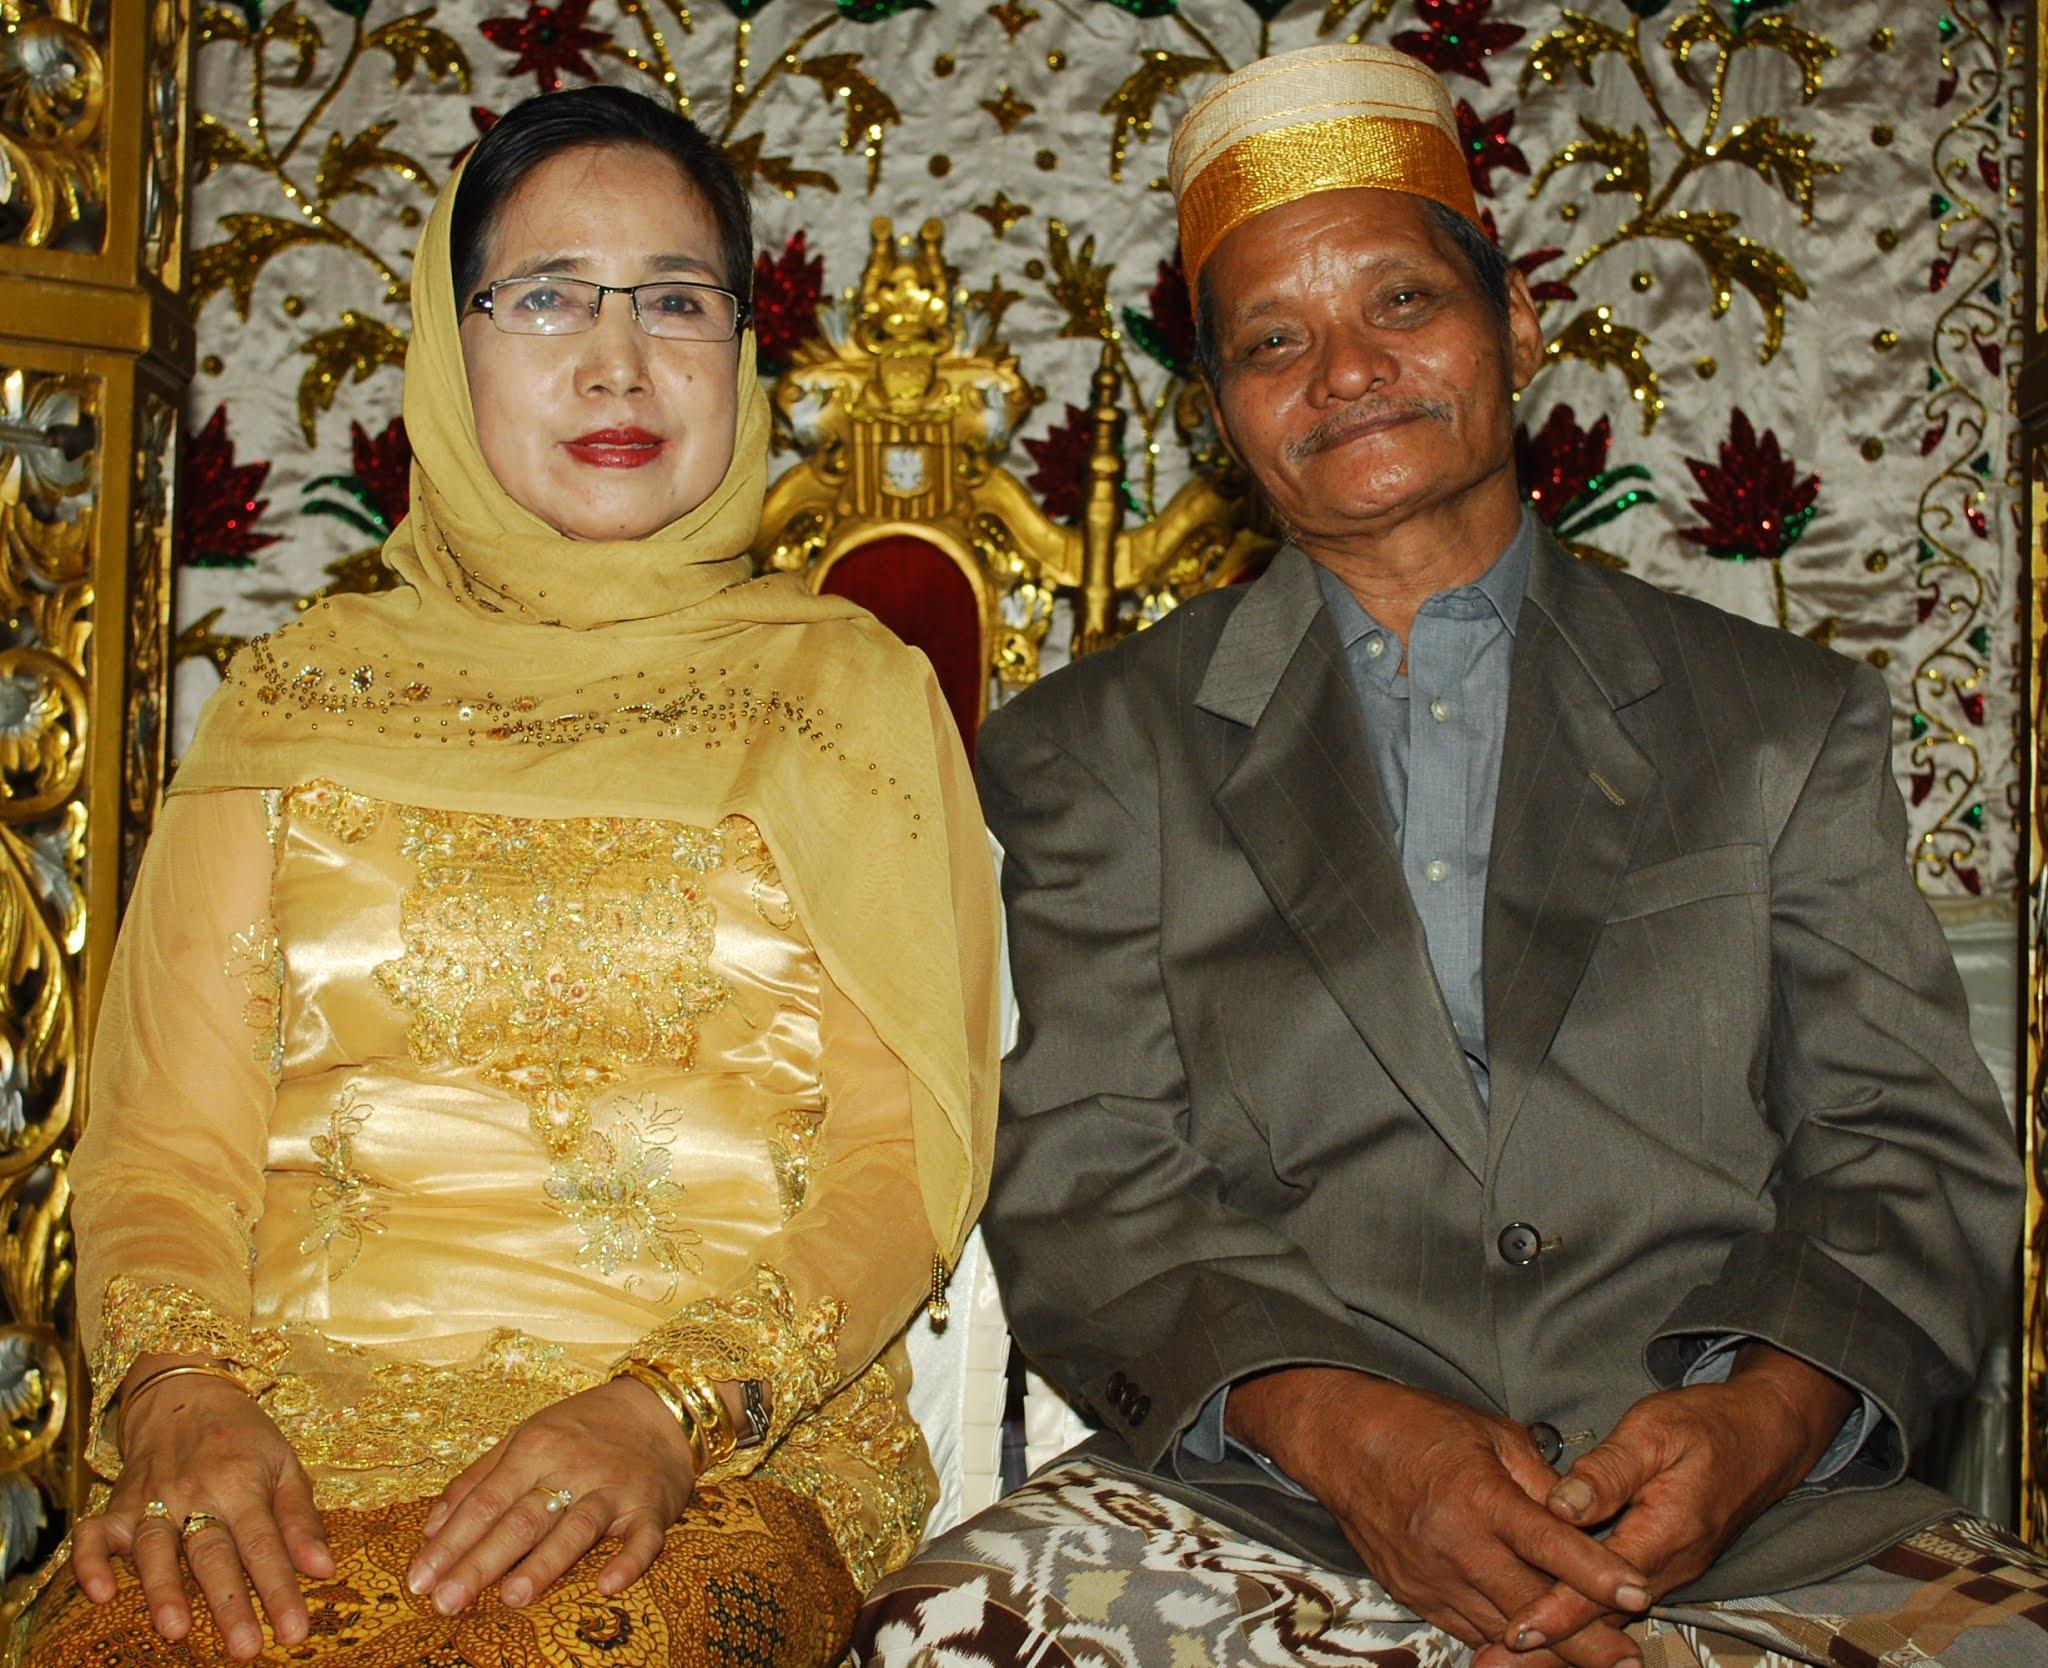 Bapak (alm) dan Mama